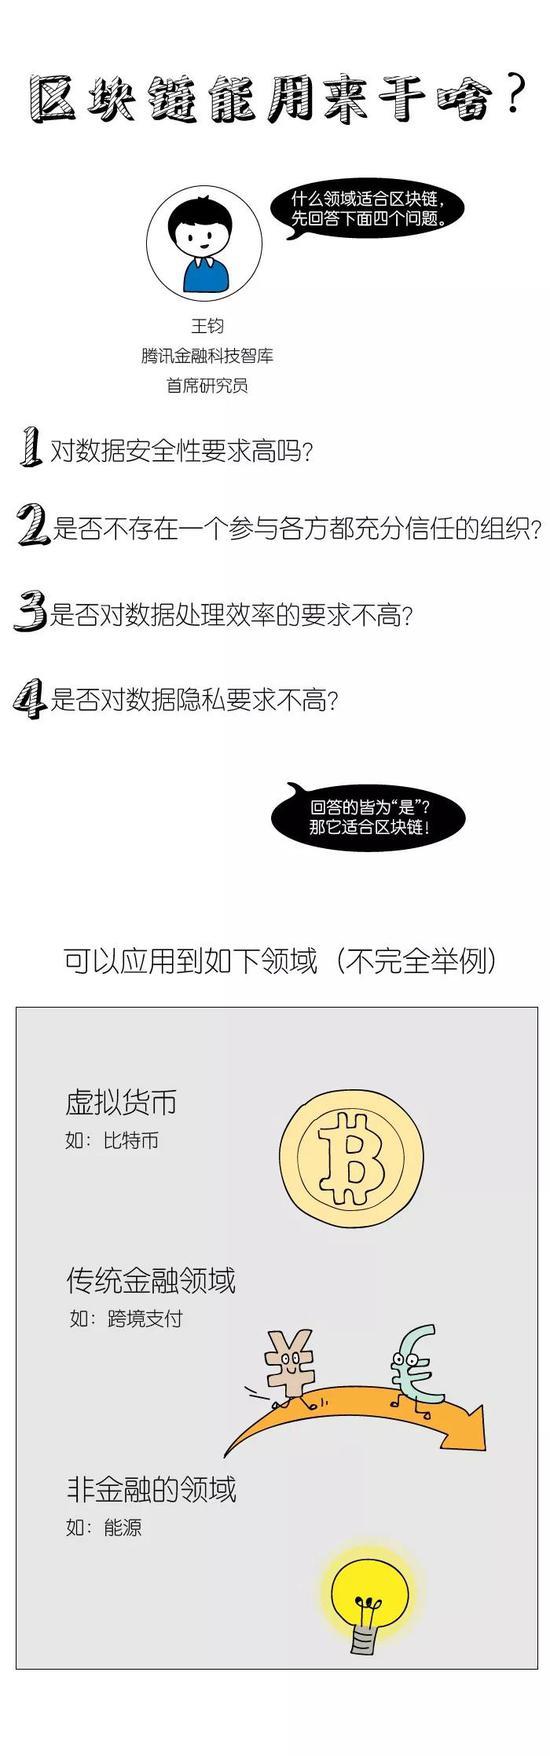 鸿运国际网上娱乐平台网站|中秋节突击新钓点 结局却令人很意外